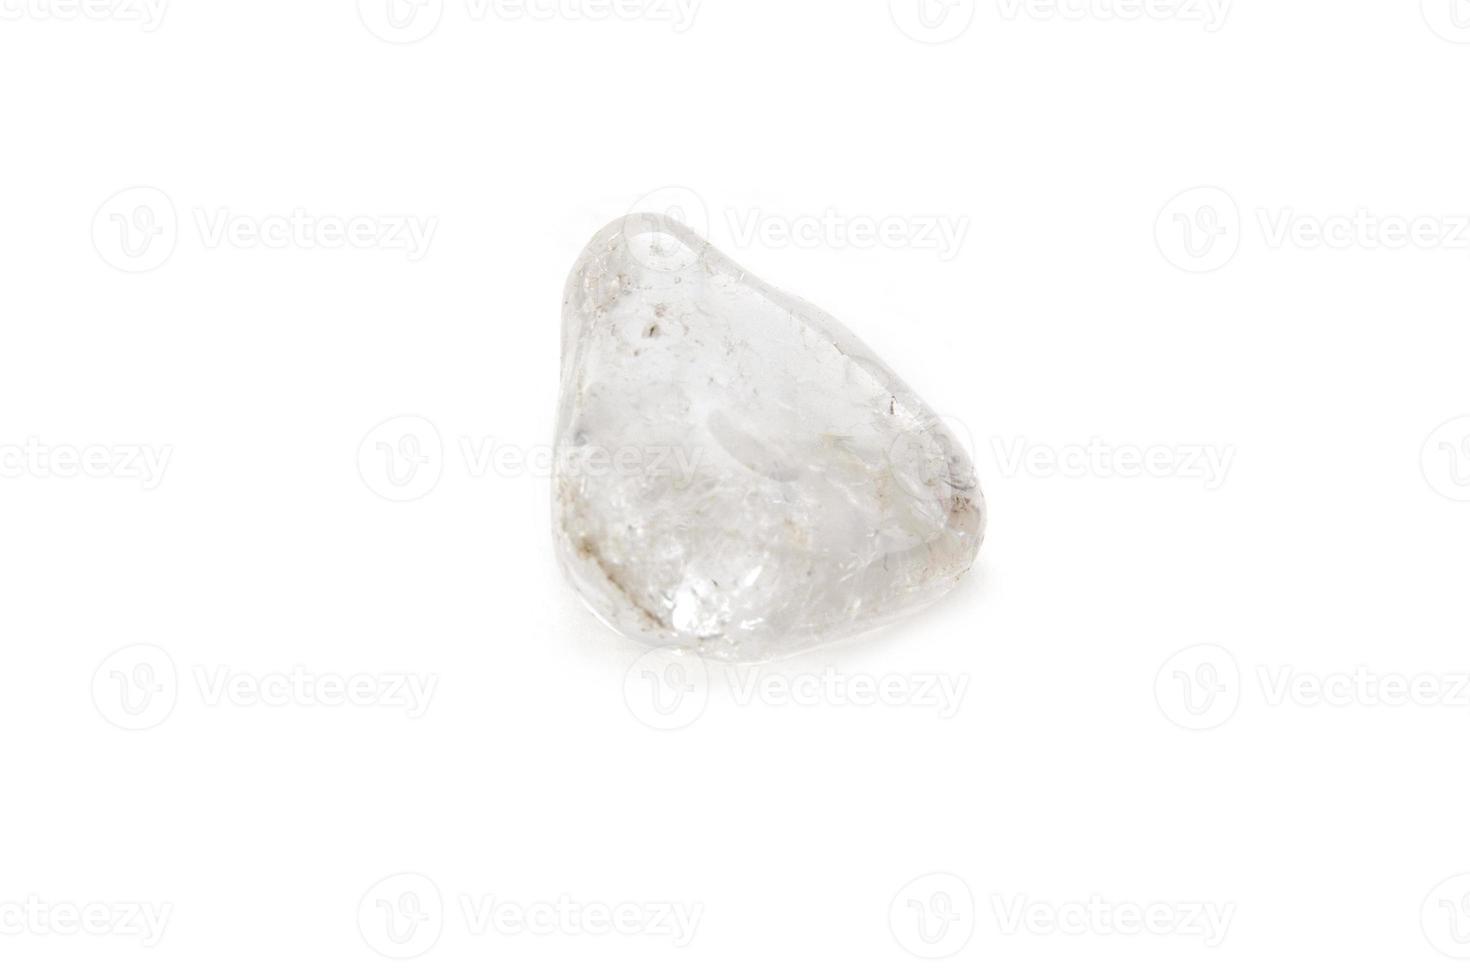 Kristall auf dem weißen Hintergrund foto